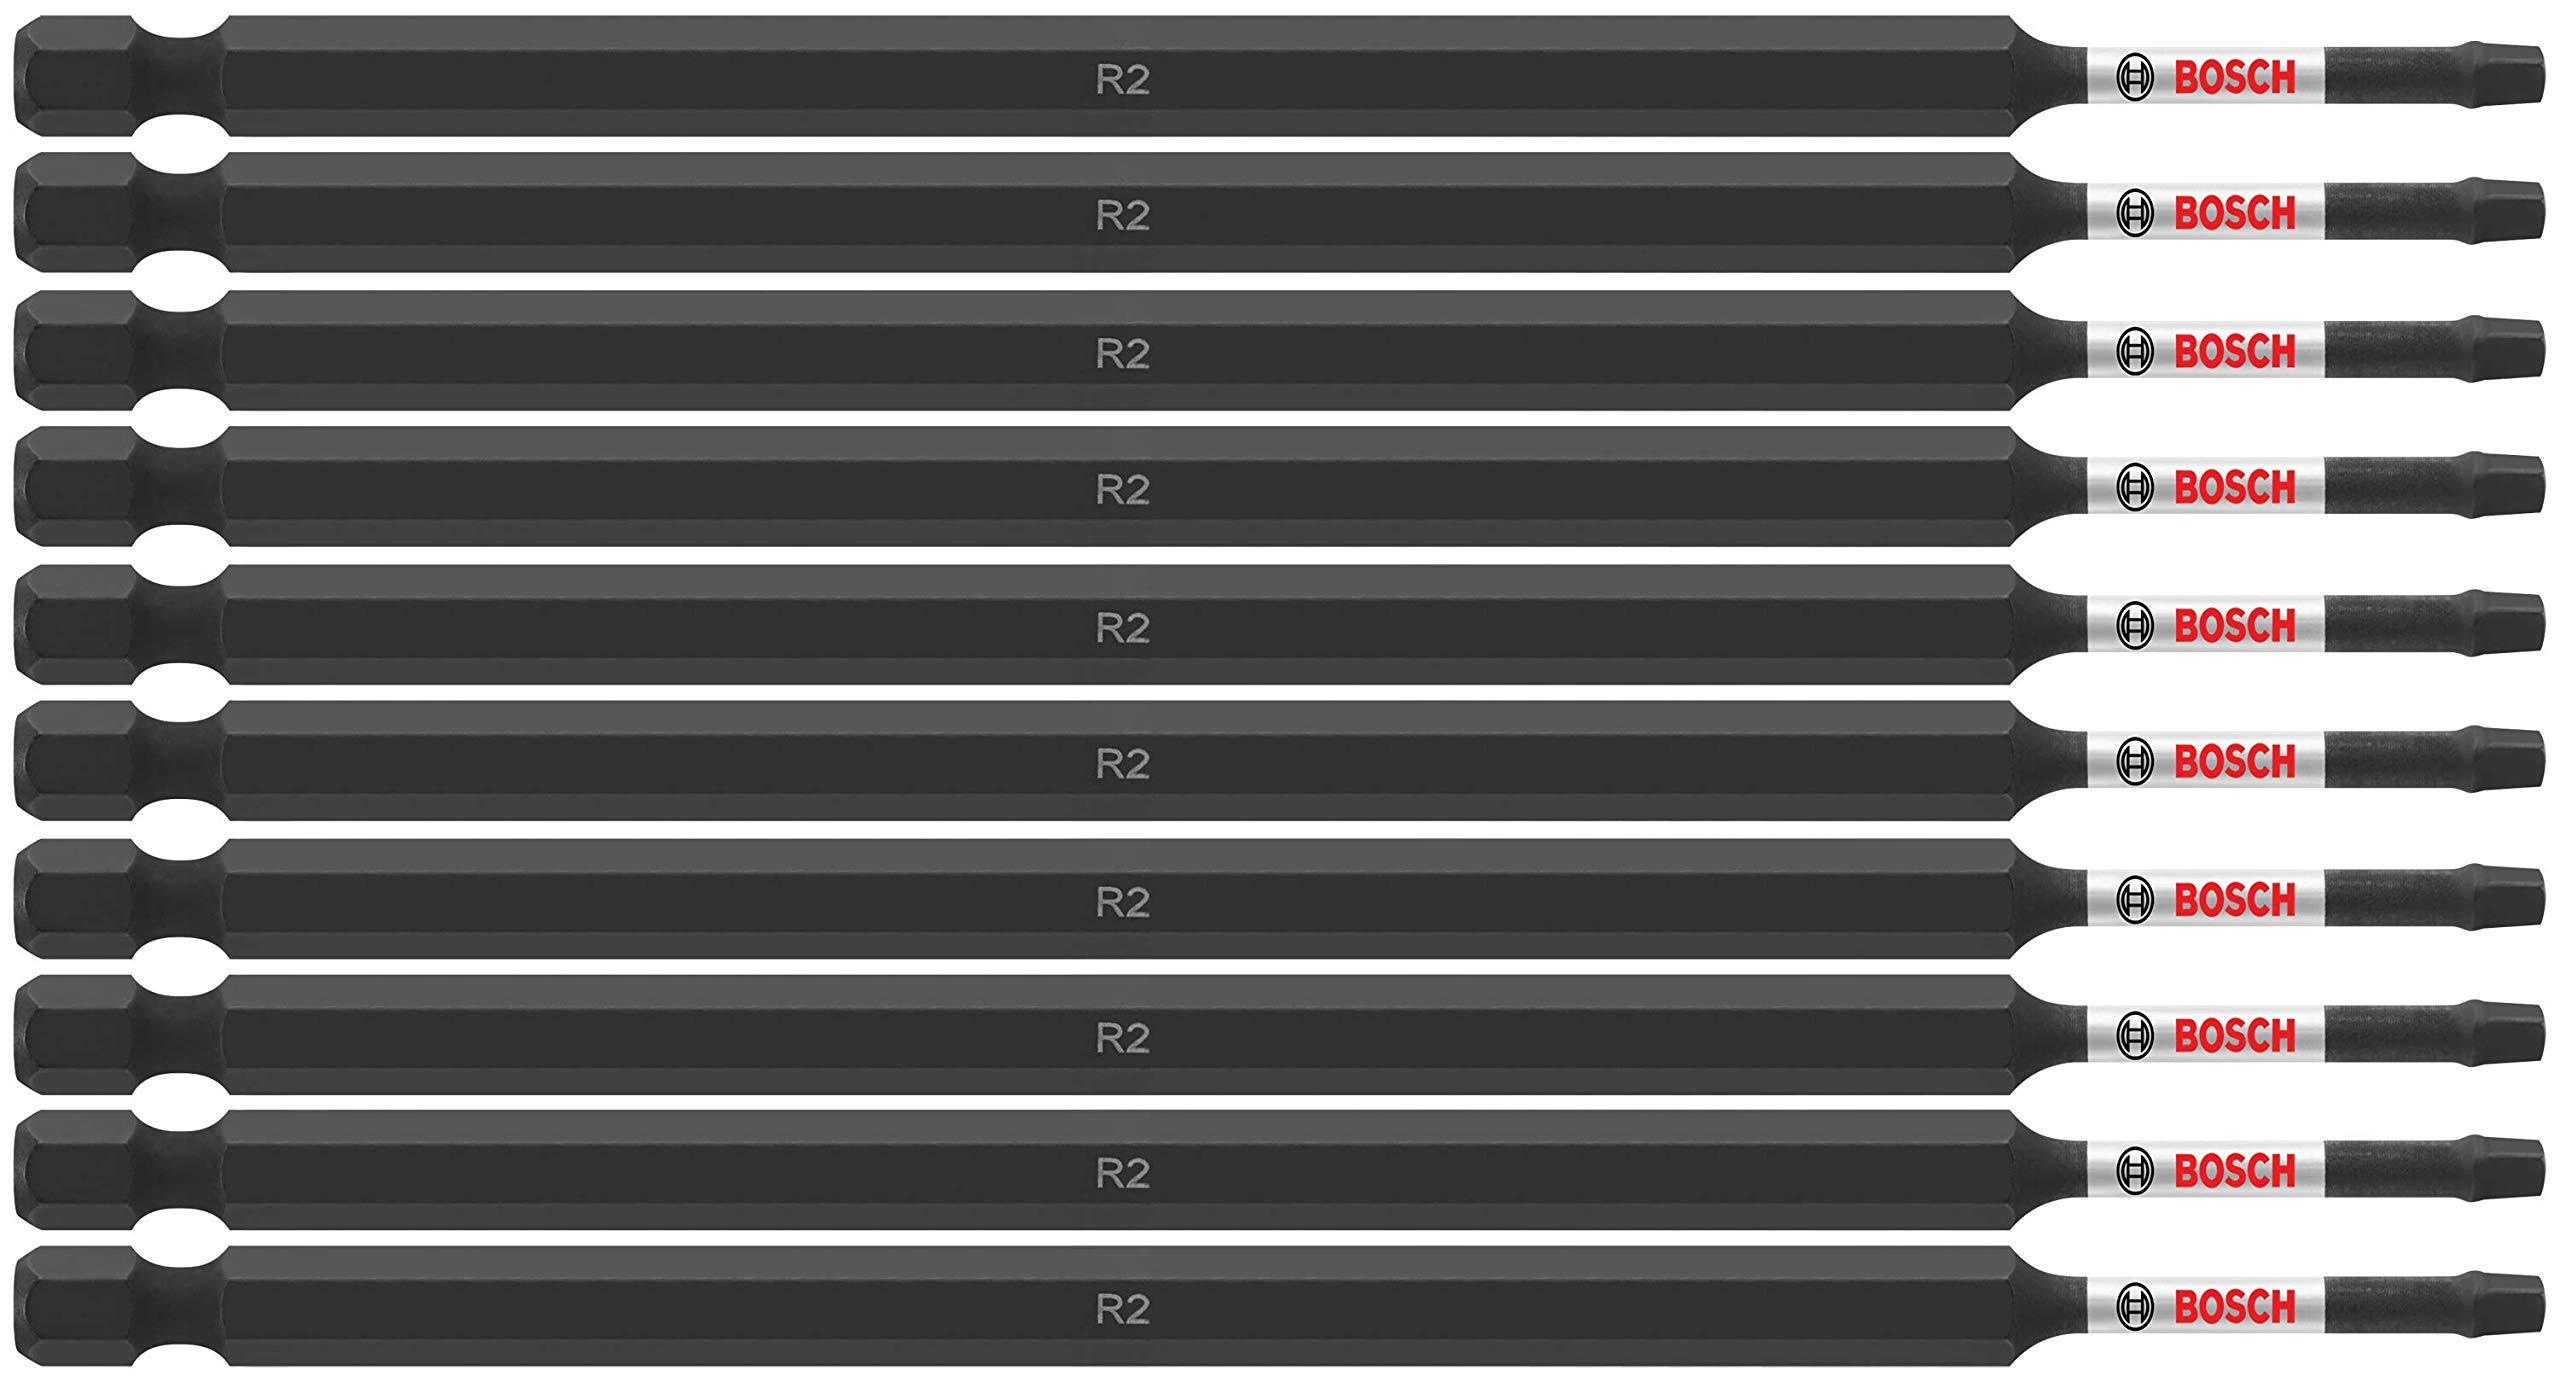 Bosch ITT206B Impact Tough 6 In Torx #20 Power Bits